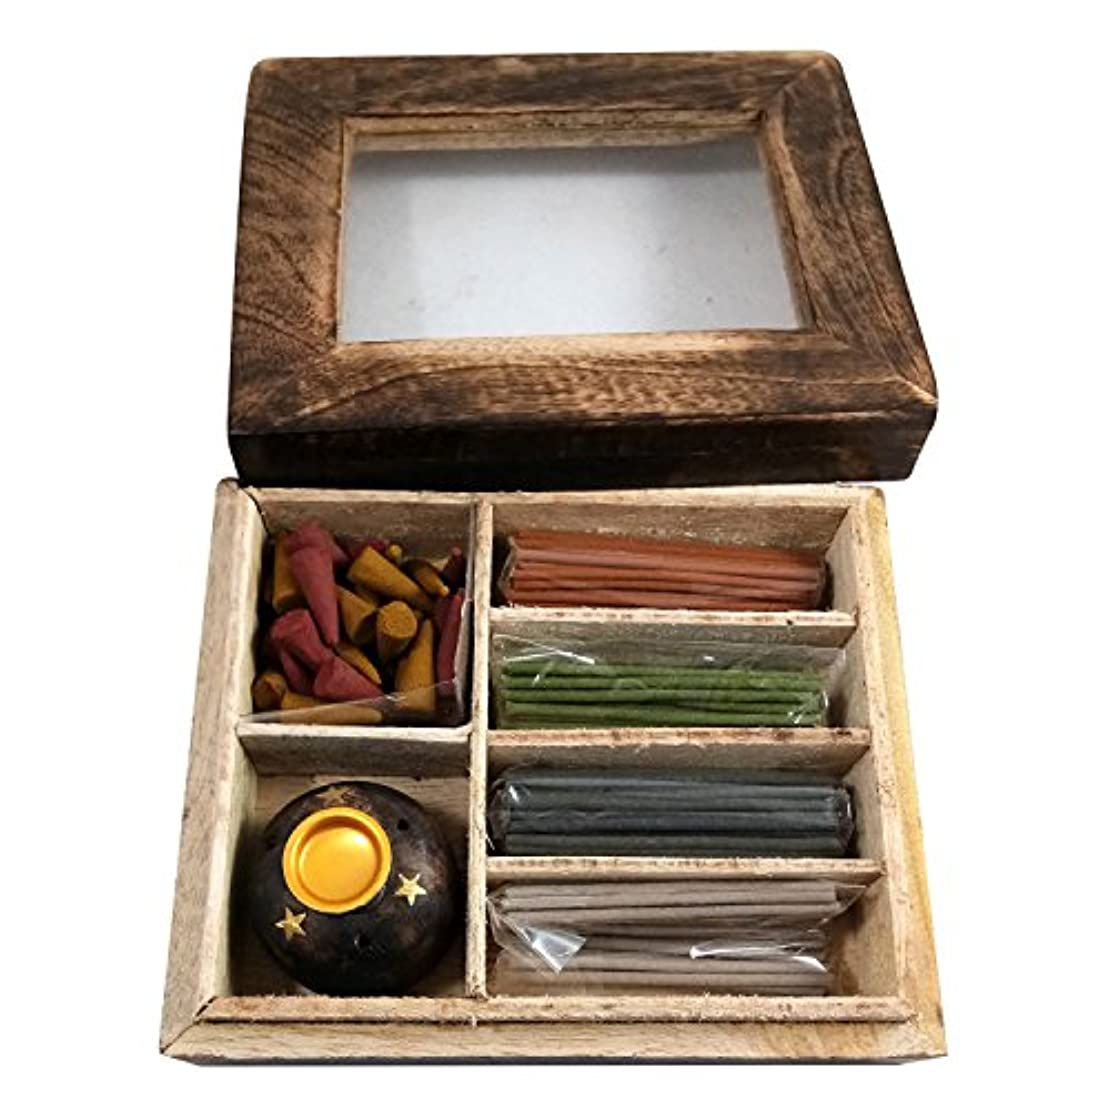 染料読み書きのできないカセット手作りの木製工芸品の香りスティックボックスギフトパックの用途ホームフレグランス目的、個人&企業の贈り物|スティック&スタンド付きスティックギフトパック